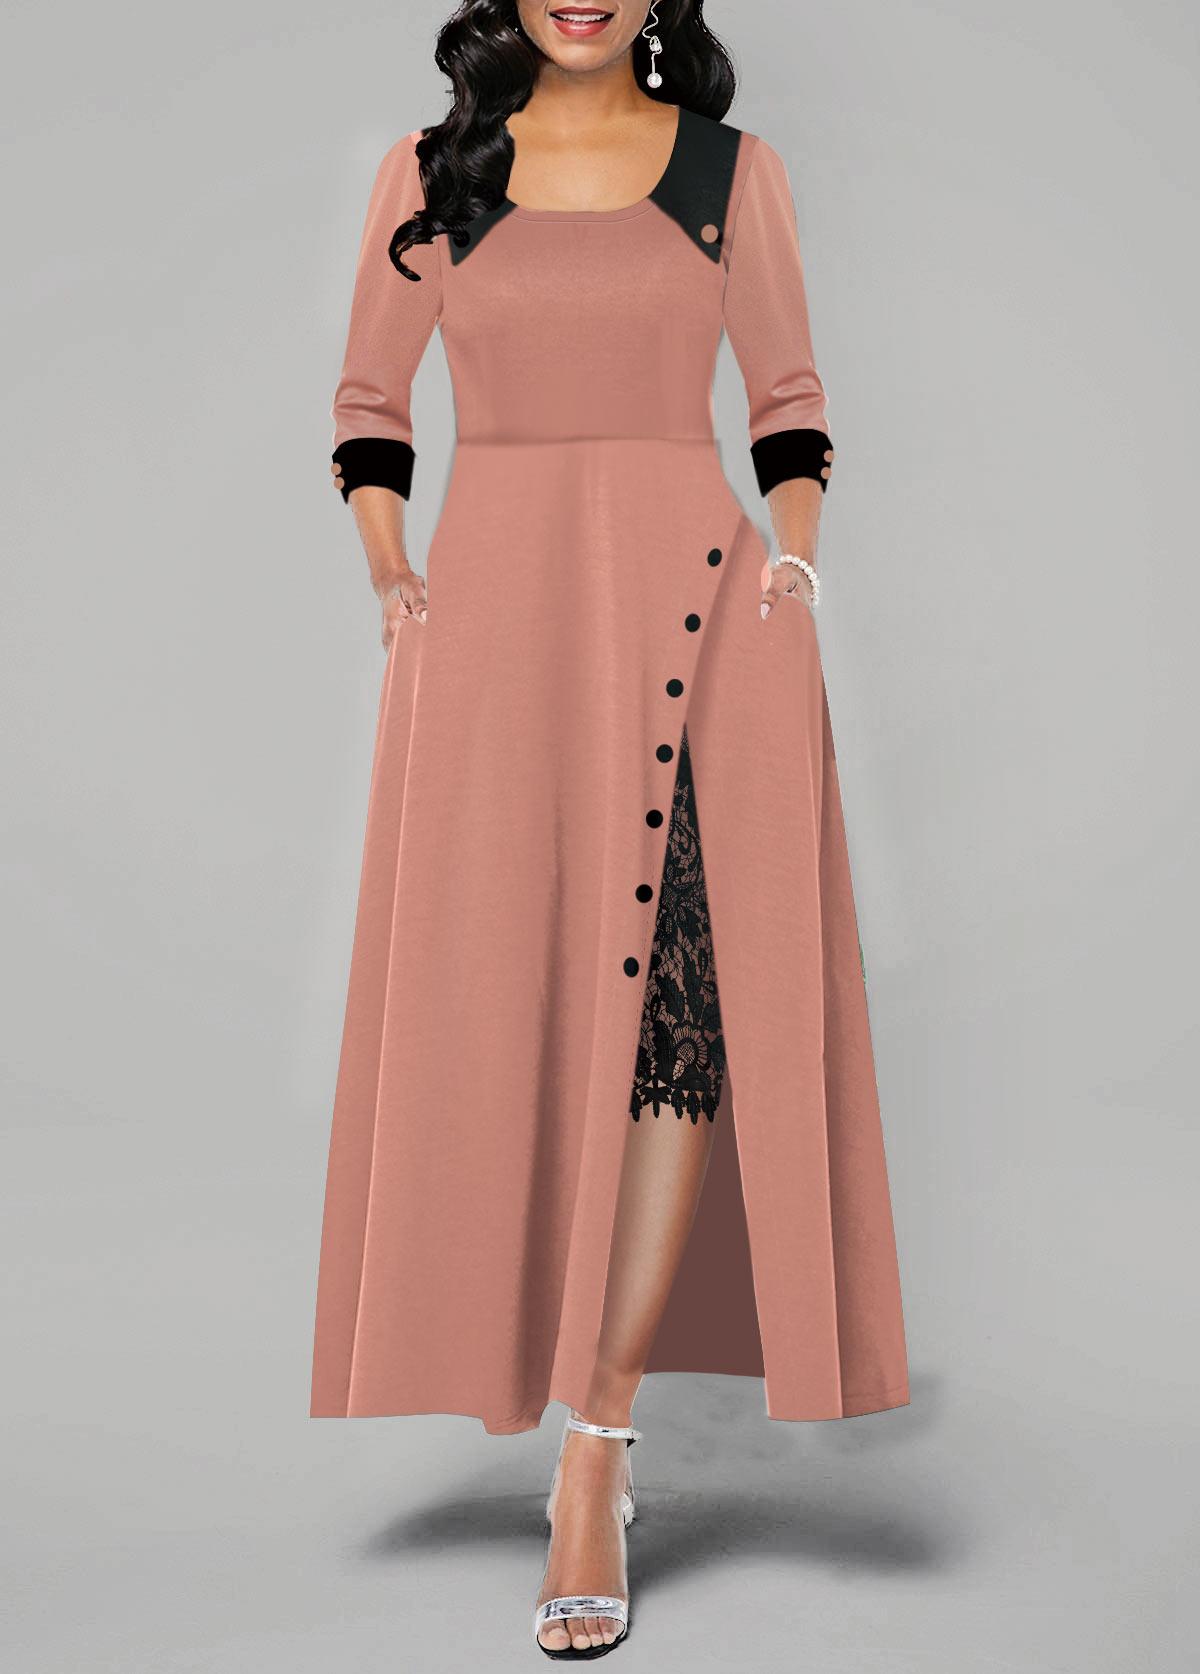 Lace Panel Button Detail Side Slit Maxi Dress